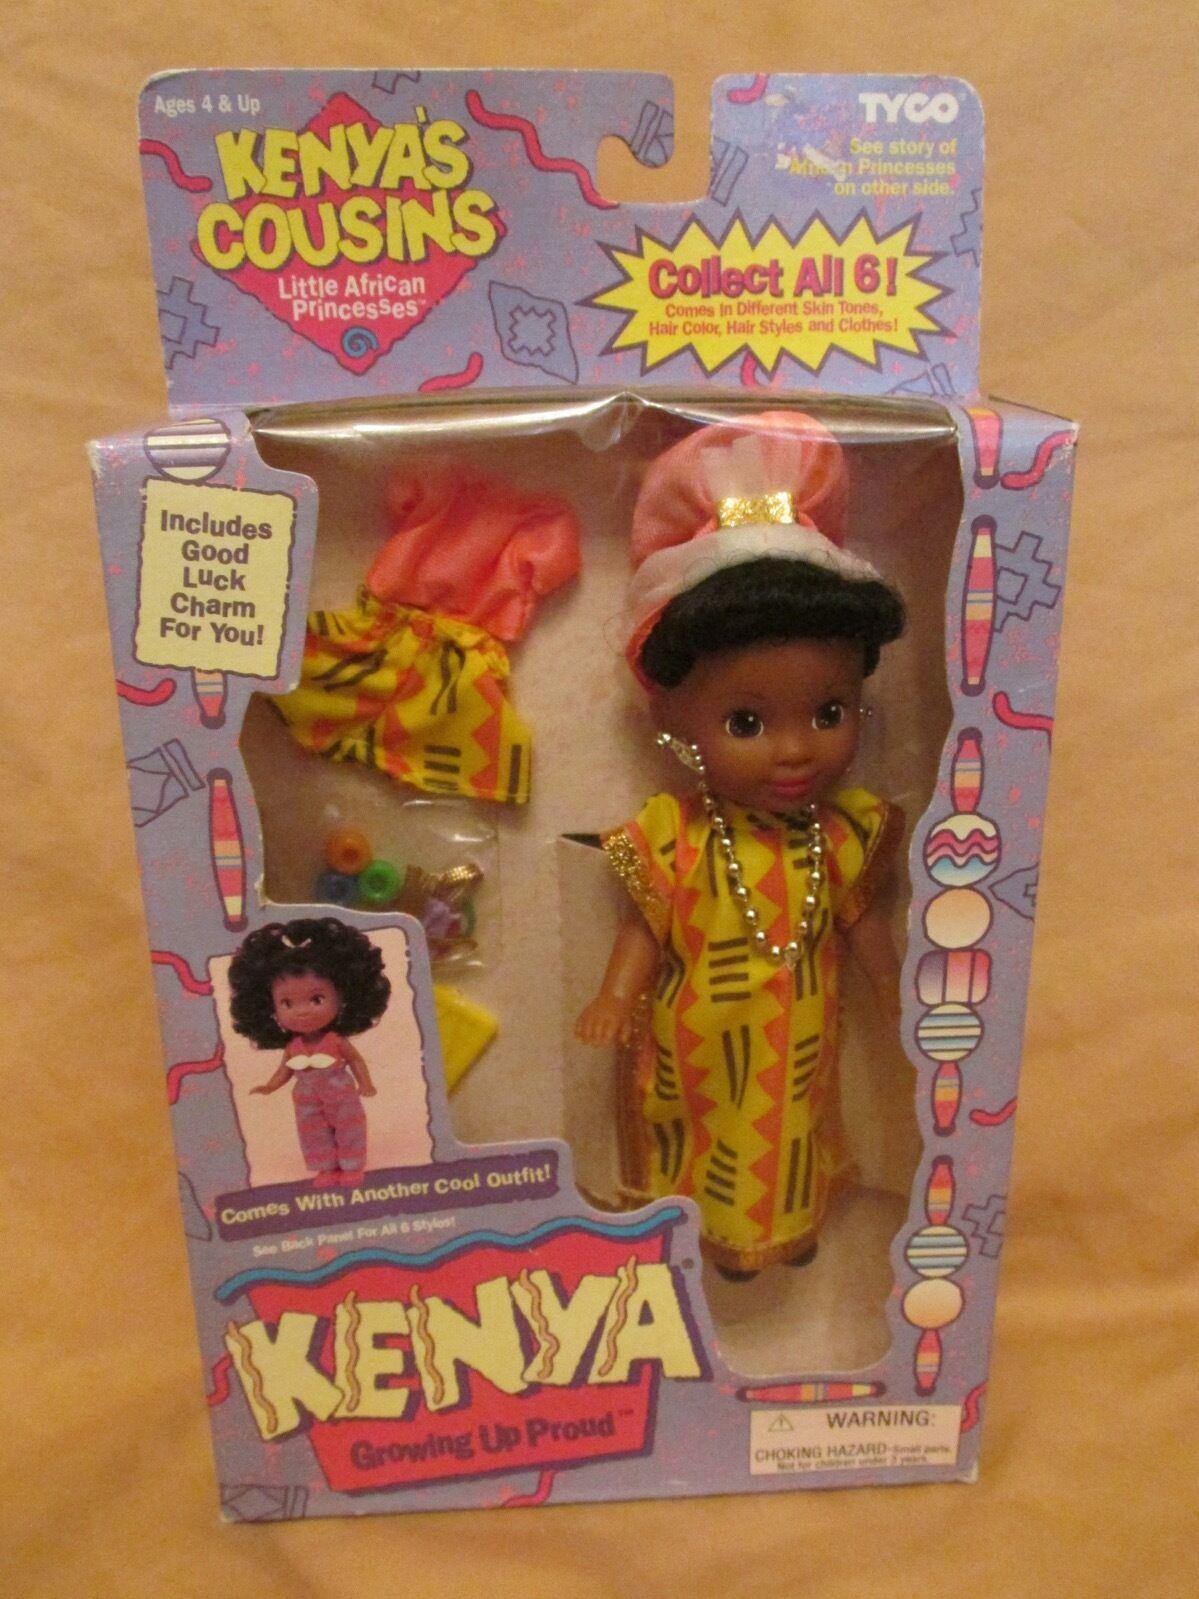 Brandneu Vintage Kenia S Cousins Anbauen Up Proud Afrikanisch Prinzessin Tyco